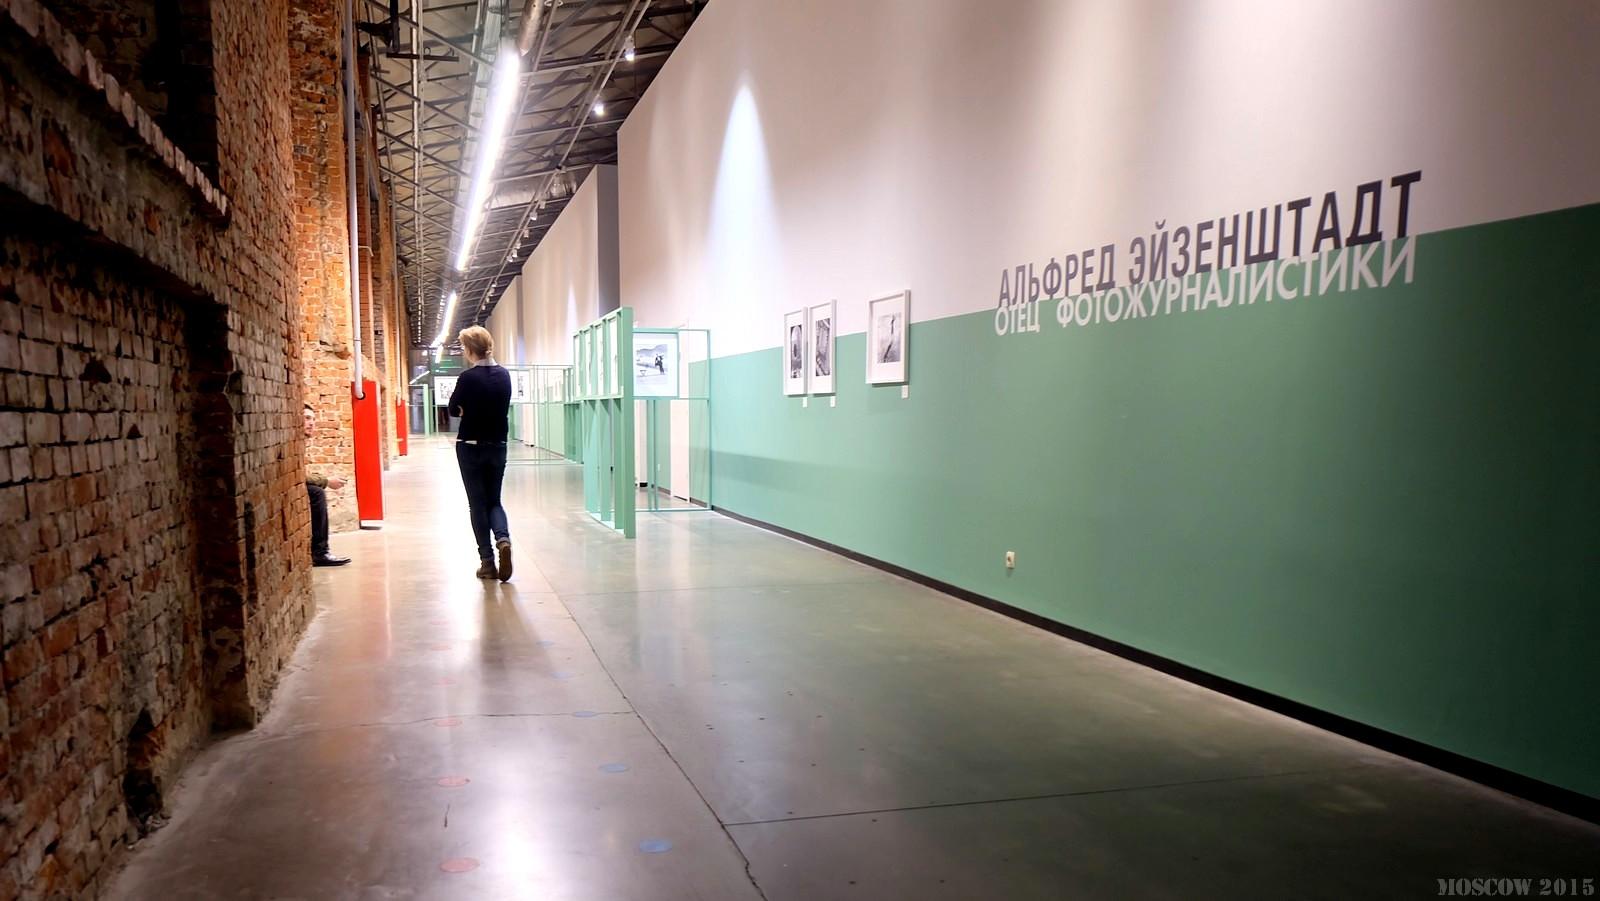 Еврейский музей и центр толерантности, Москва